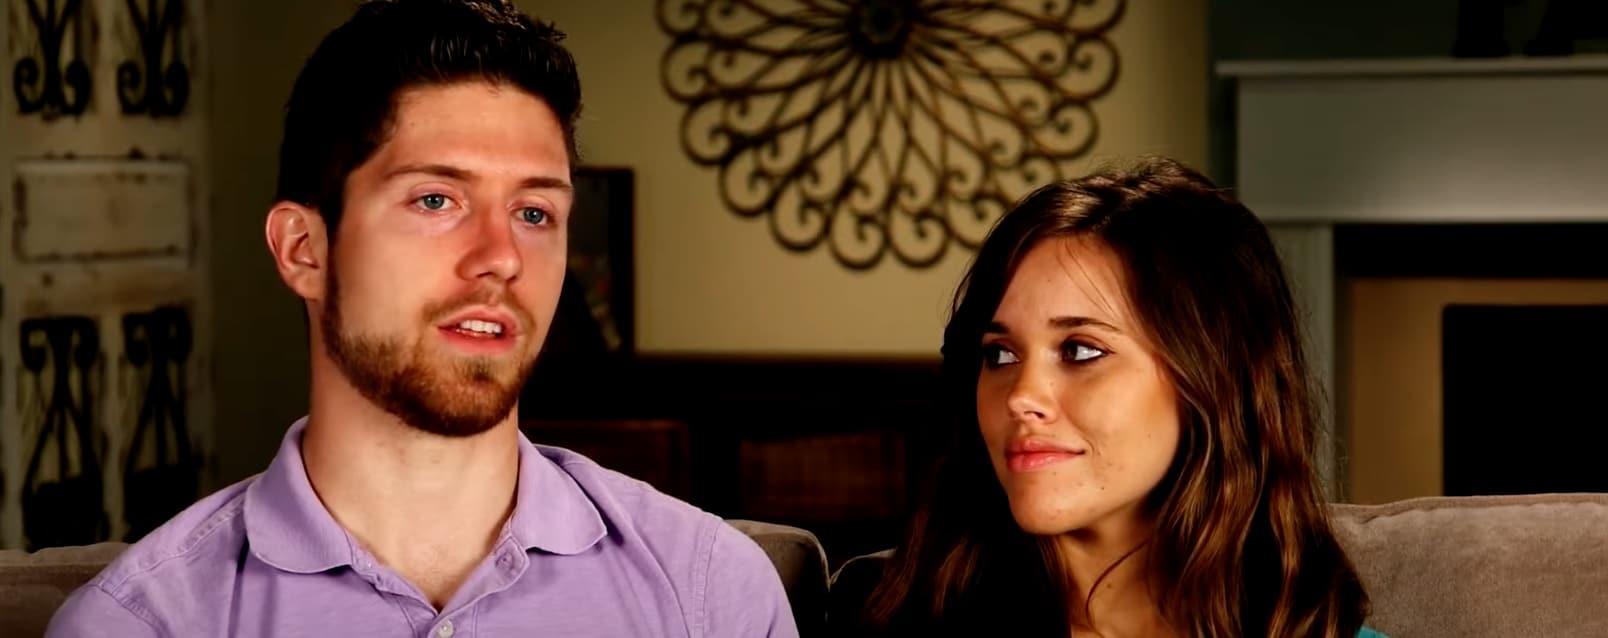 Ben & Jessa Seewald, TLC YouTube